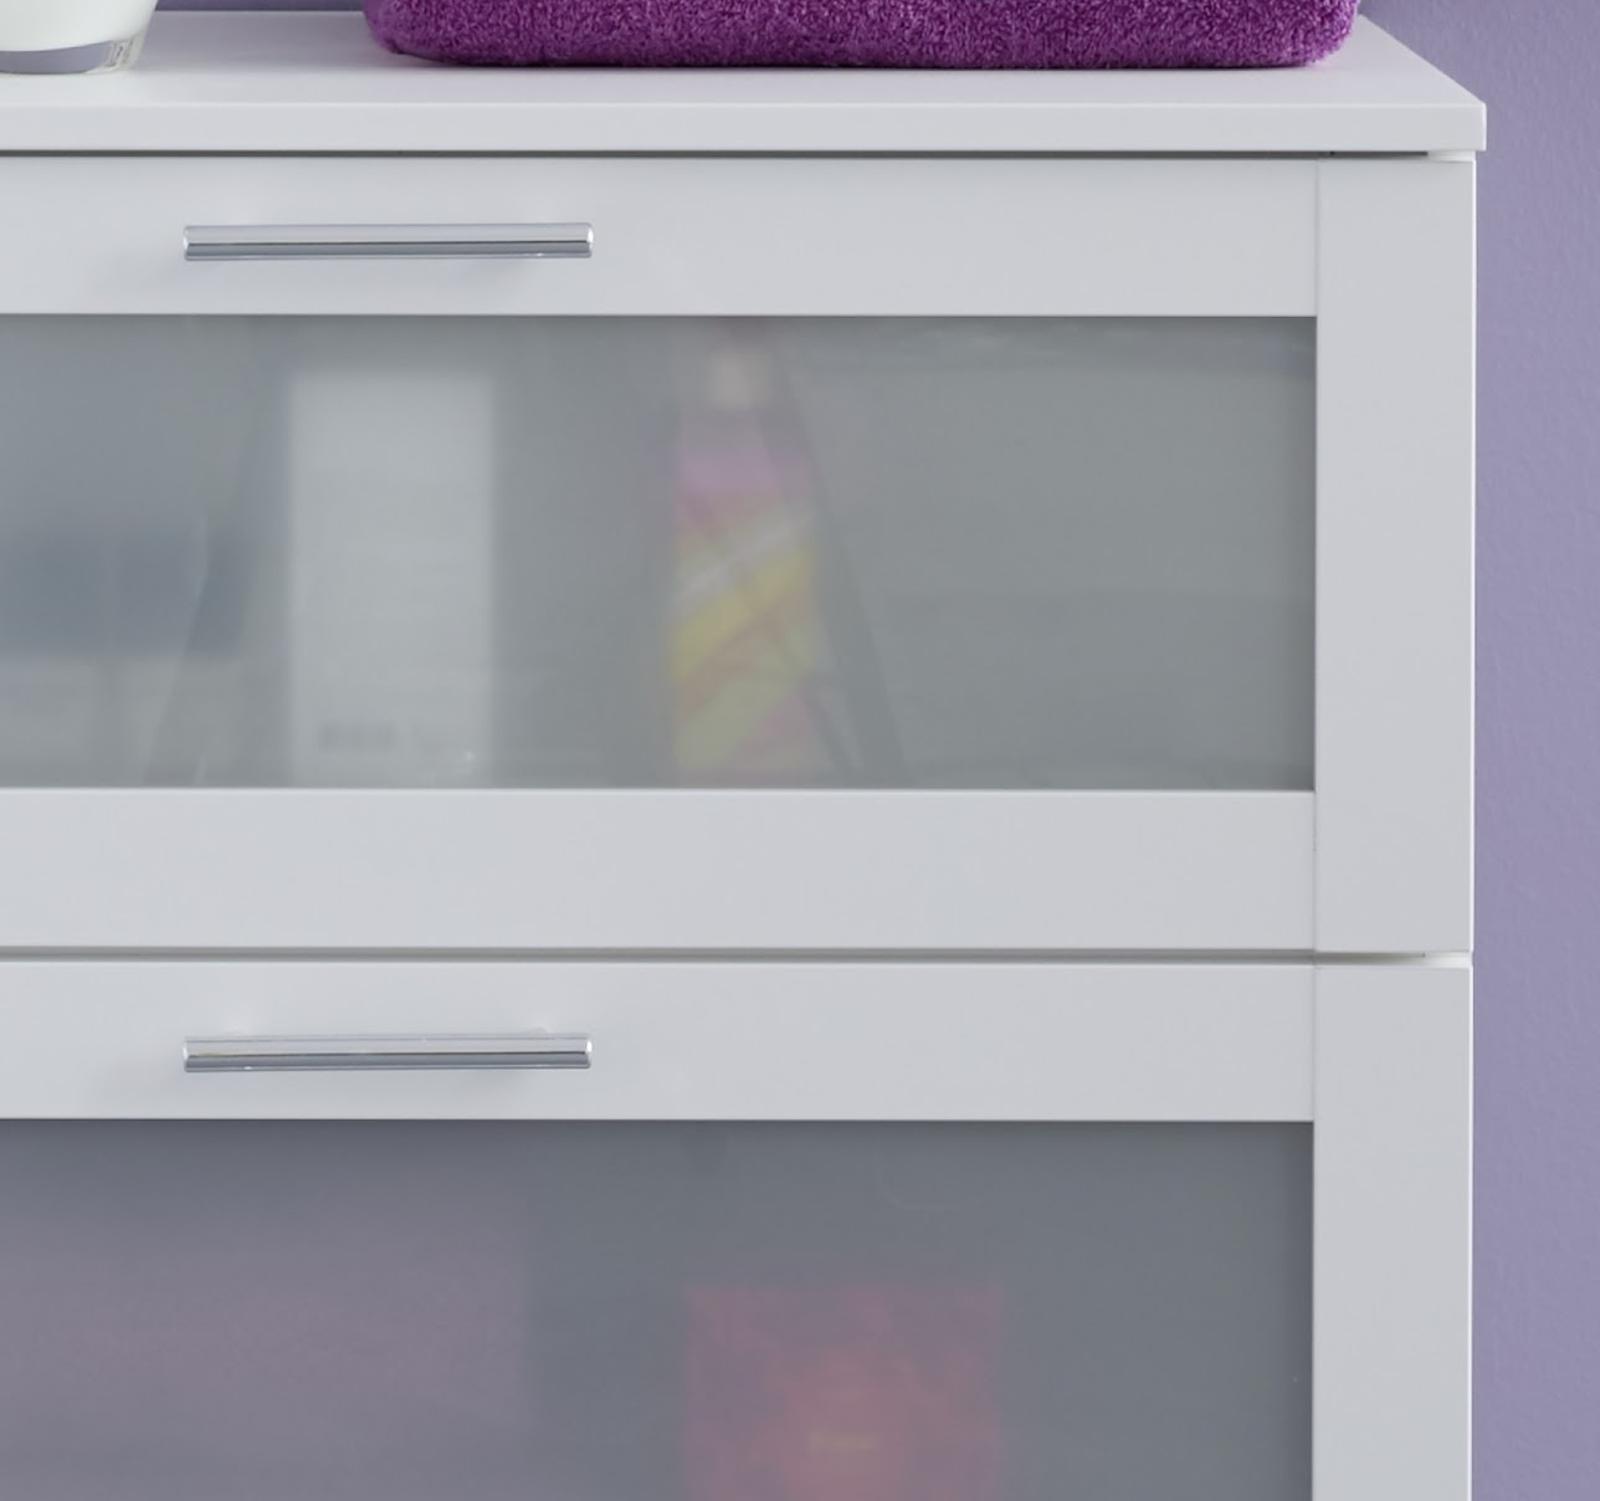 hochschrank badezimmer badschrank wei glas satiniert bad m bel schrank florida. Black Bedroom Furniture Sets. Home Design Ideas